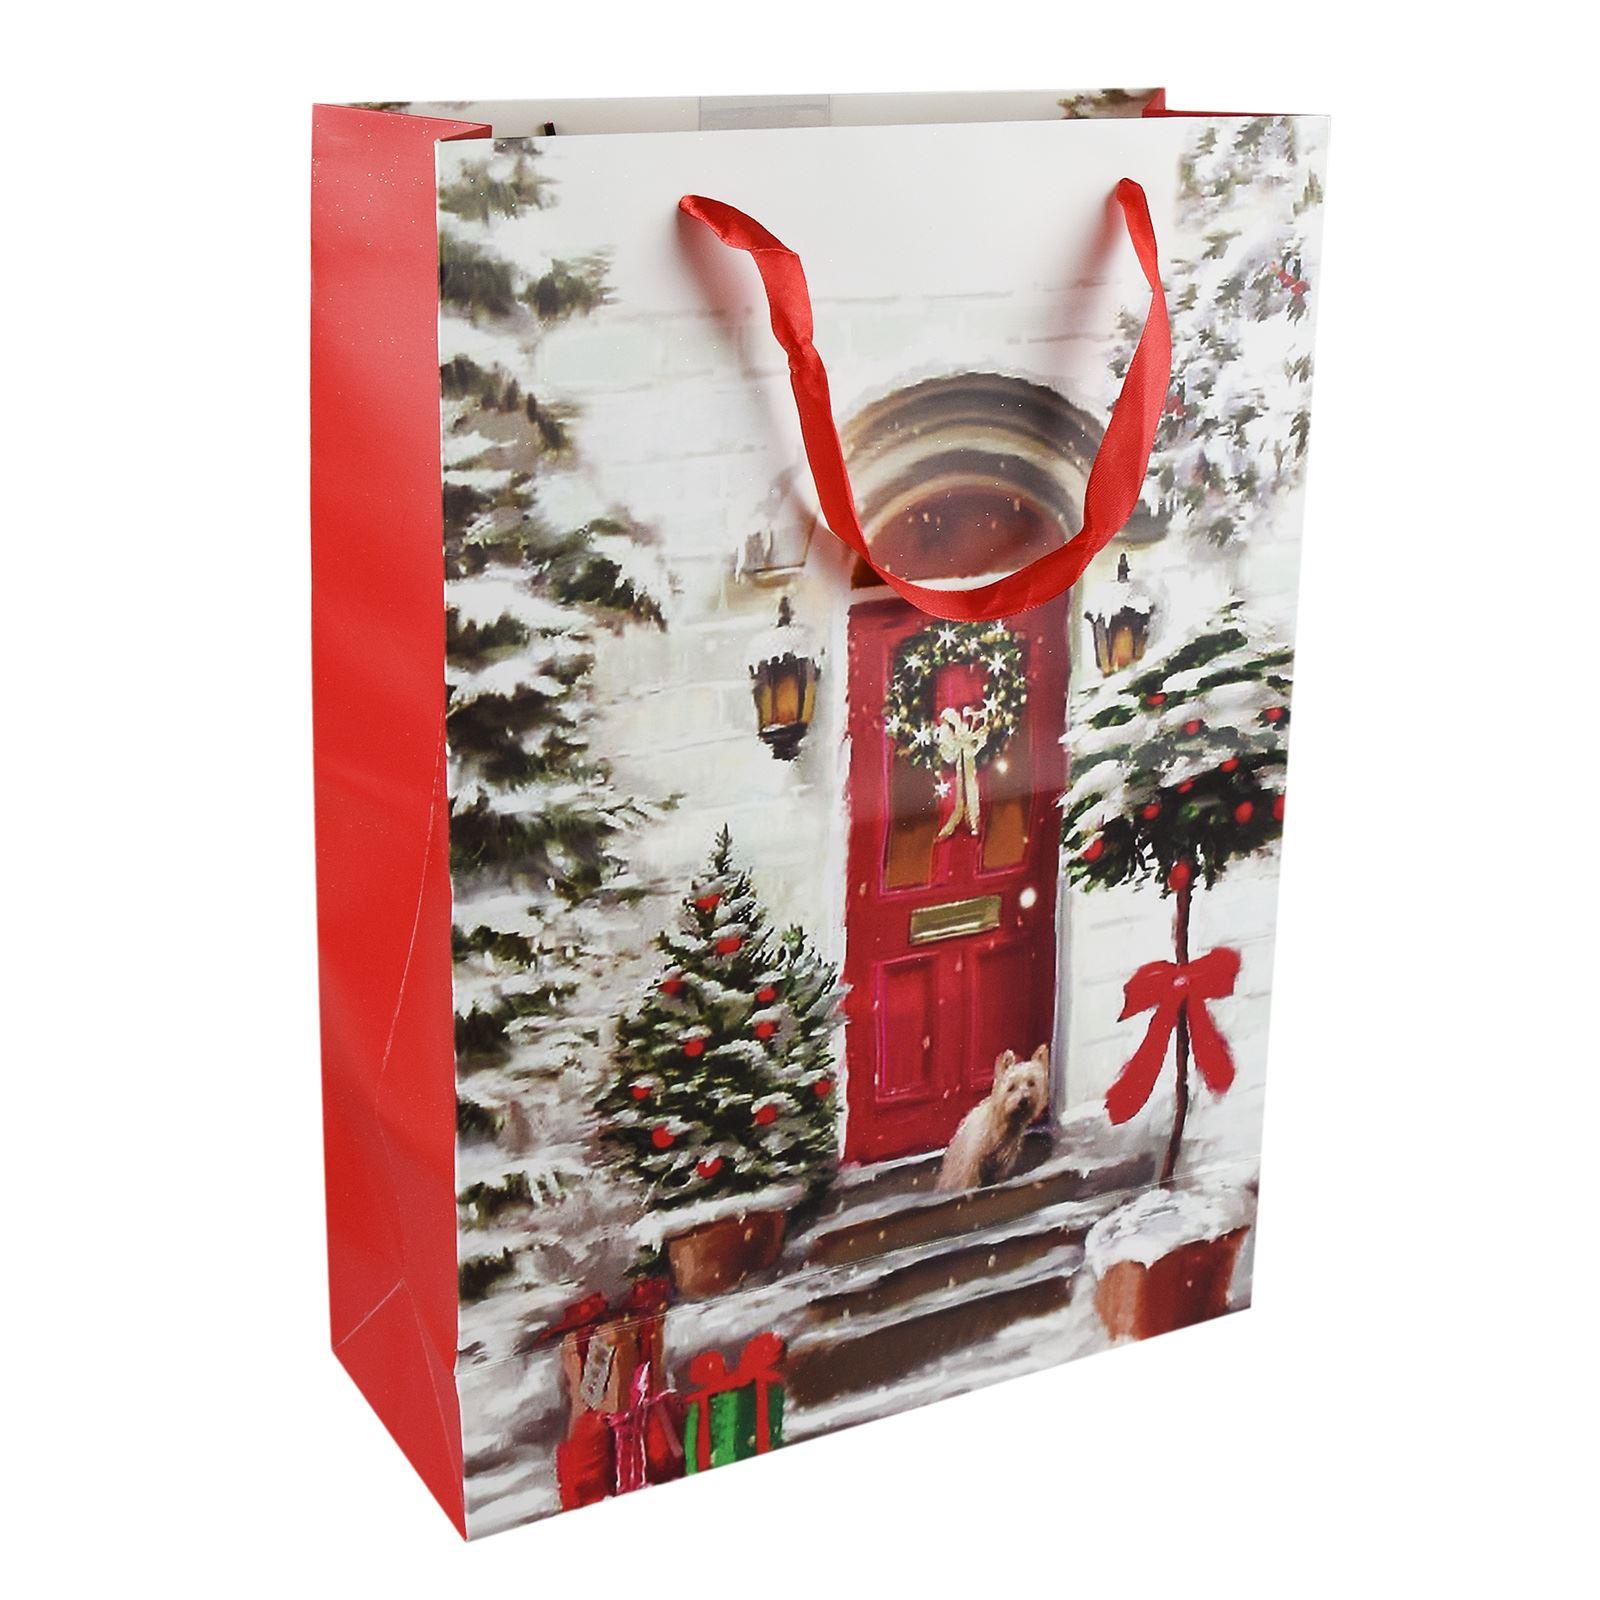 Tradizionale-Regalo-di-Natale-Borse-Regalo-Natale-Inverno-Glitter-Design-Paper-Carrier miniatura 16